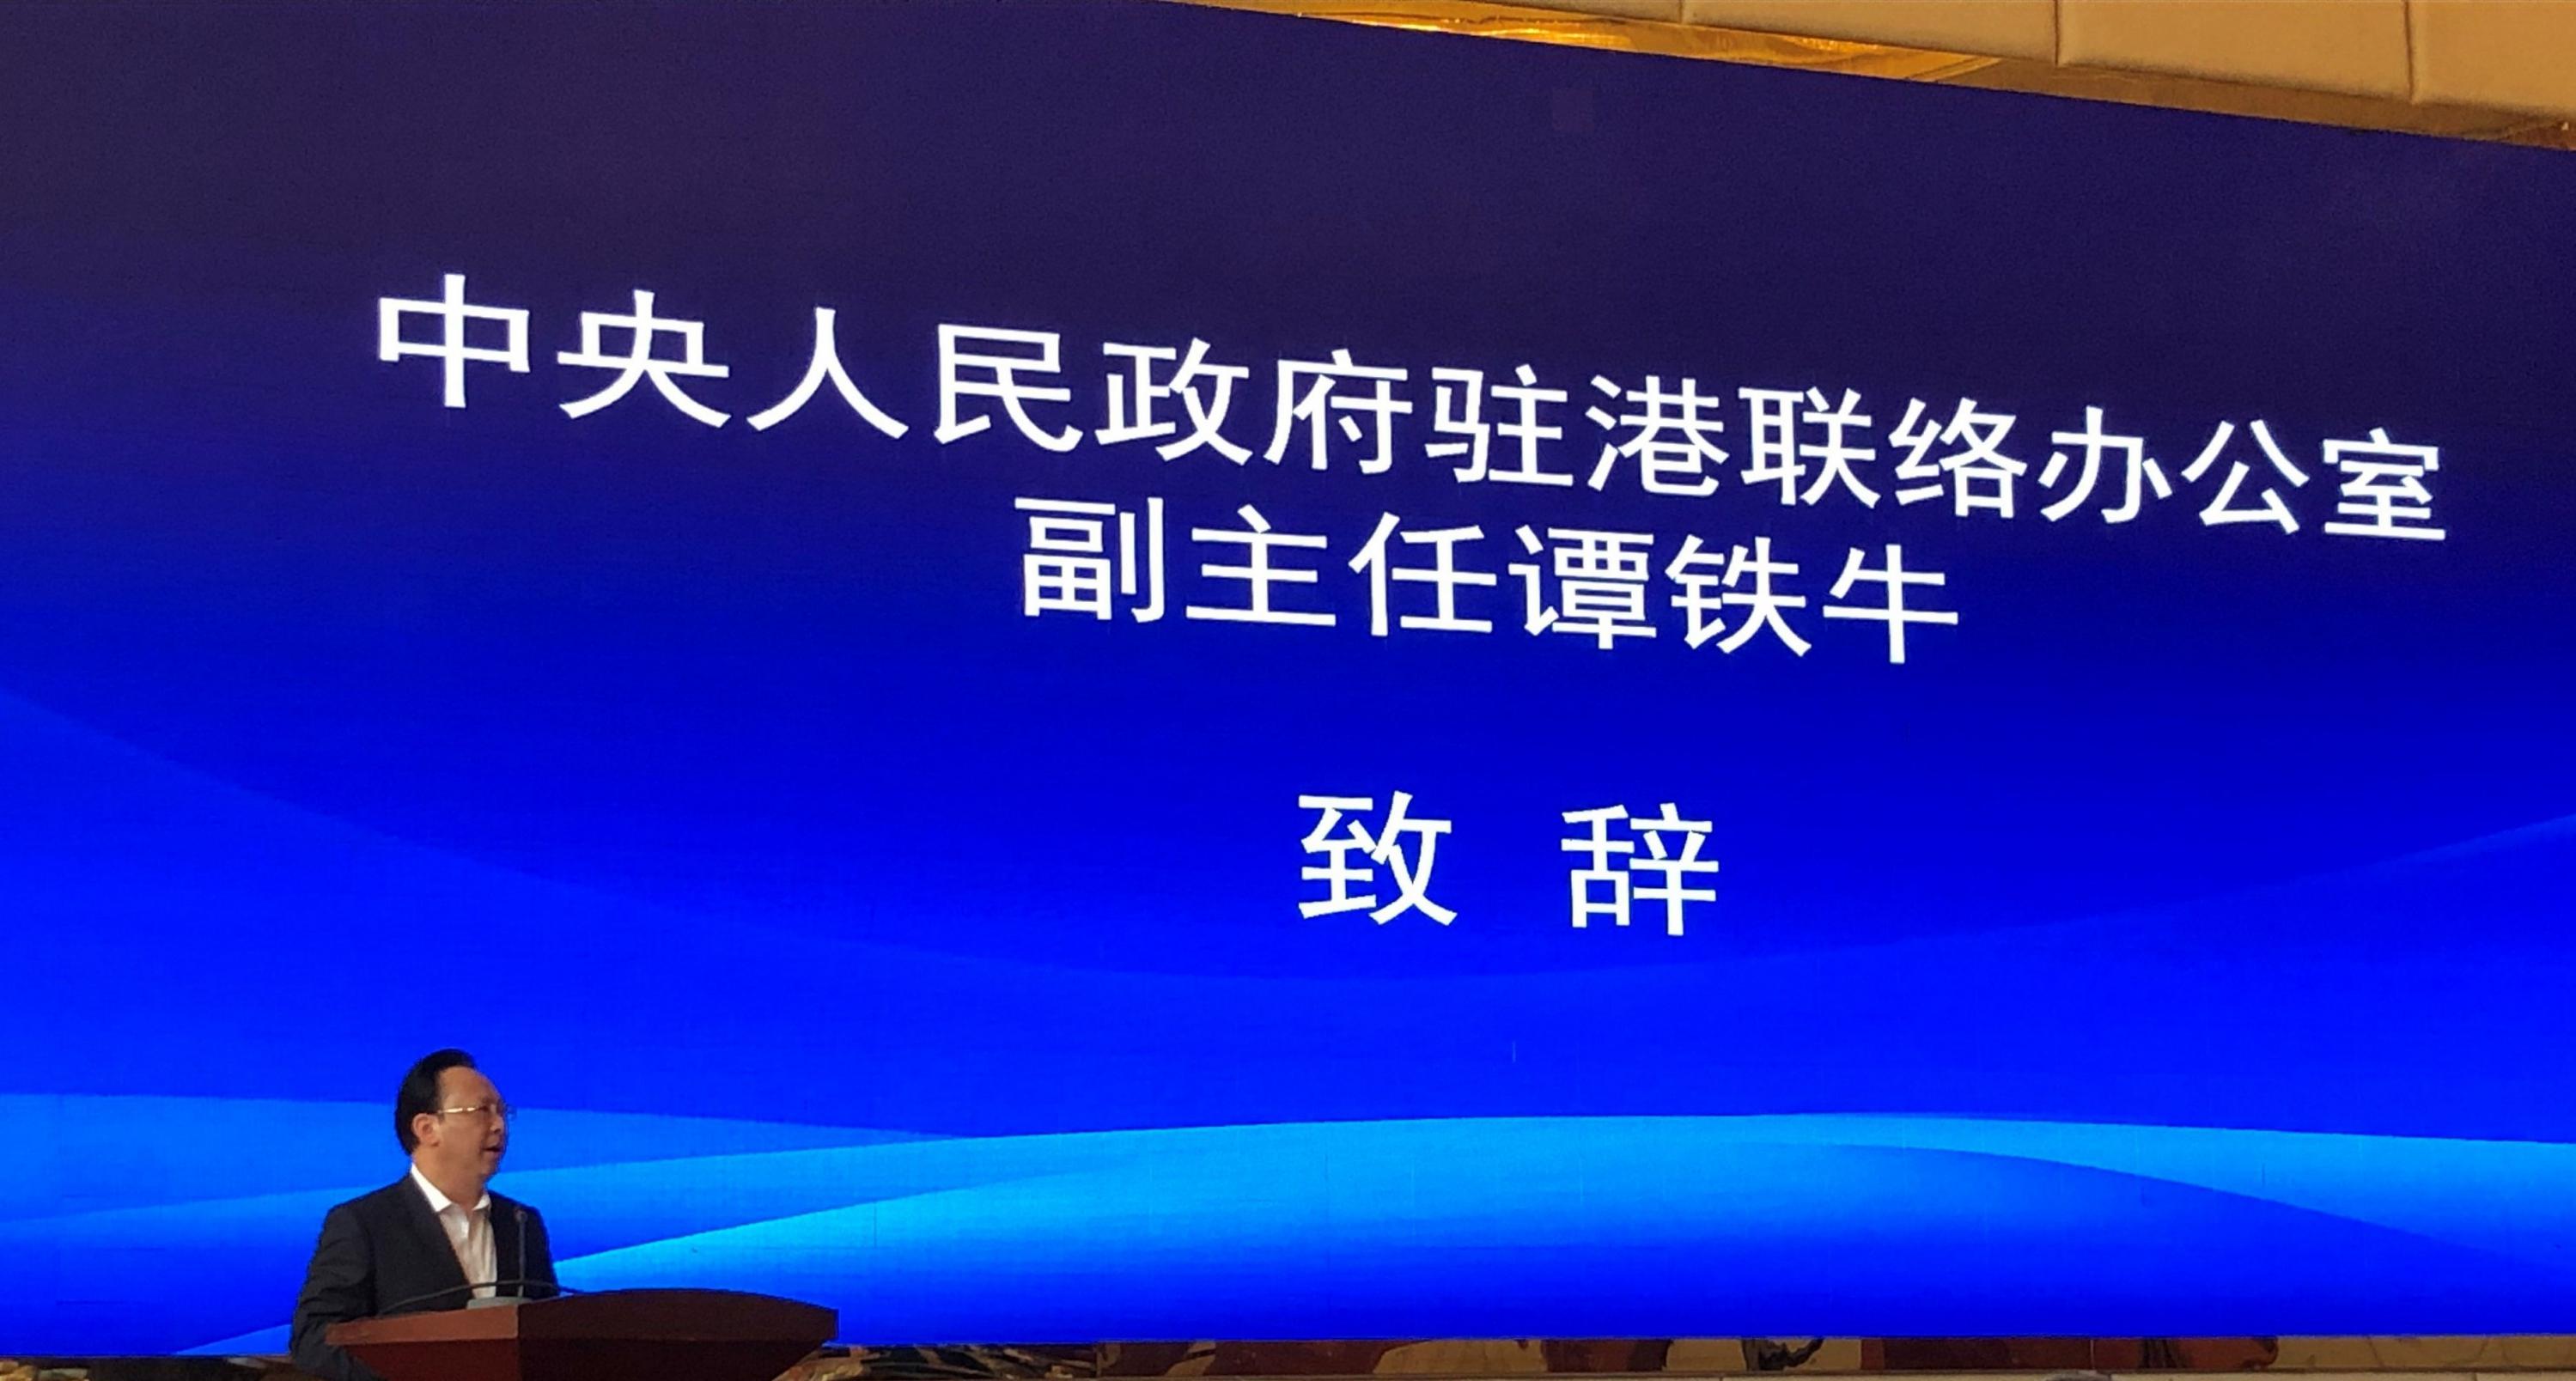 中央人民政府驻香港特别行政区联络办公室副主任谭铁牛致辞